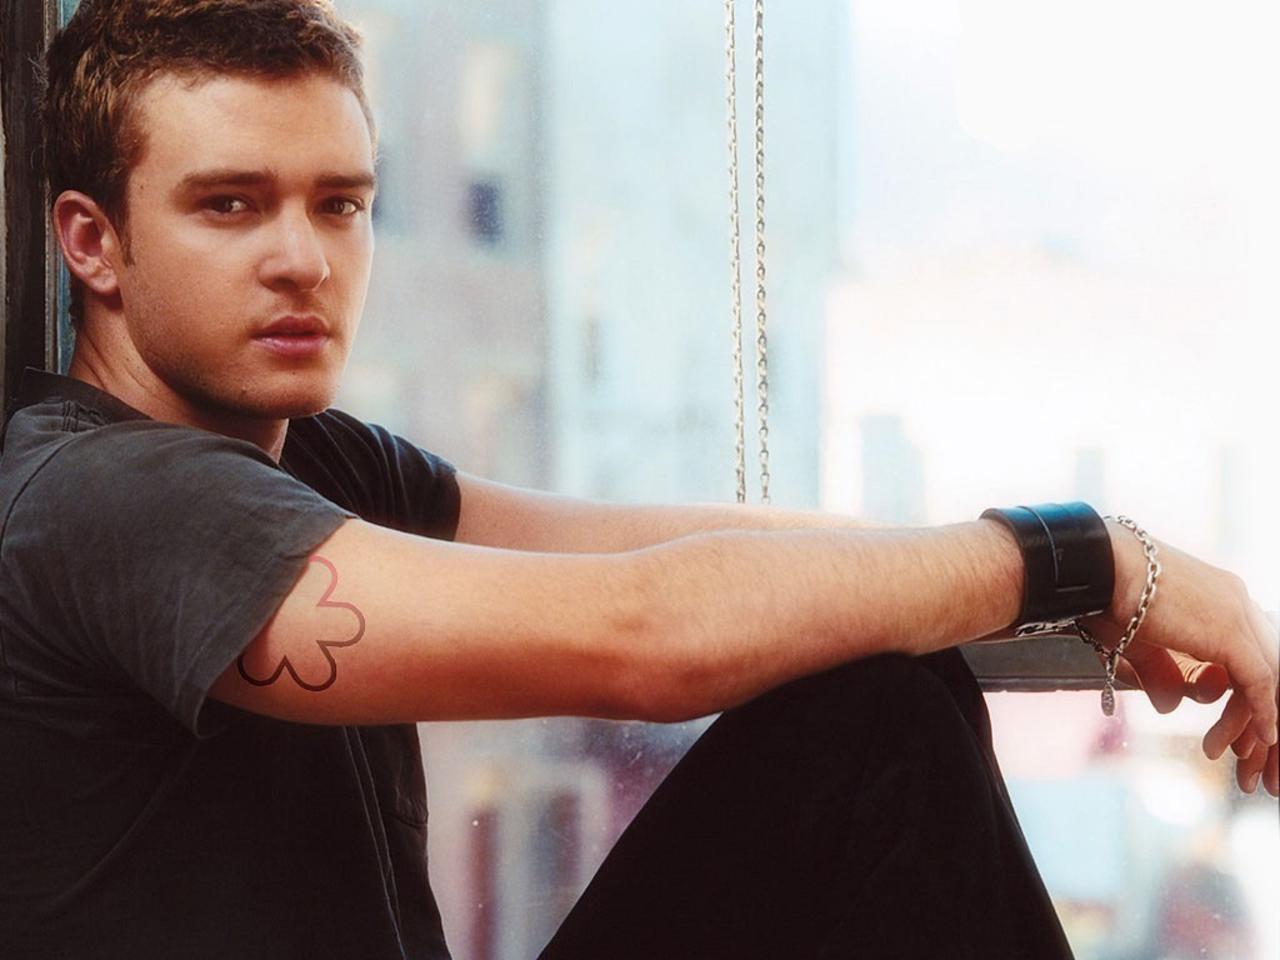 http://3.bp.blogspot.com/-hHP8loR_kkI/T02VcAj-AoI/AAAAAAAACng/ZijjcegRy3E/s1600/Justin+Timberlake+(1).jpg